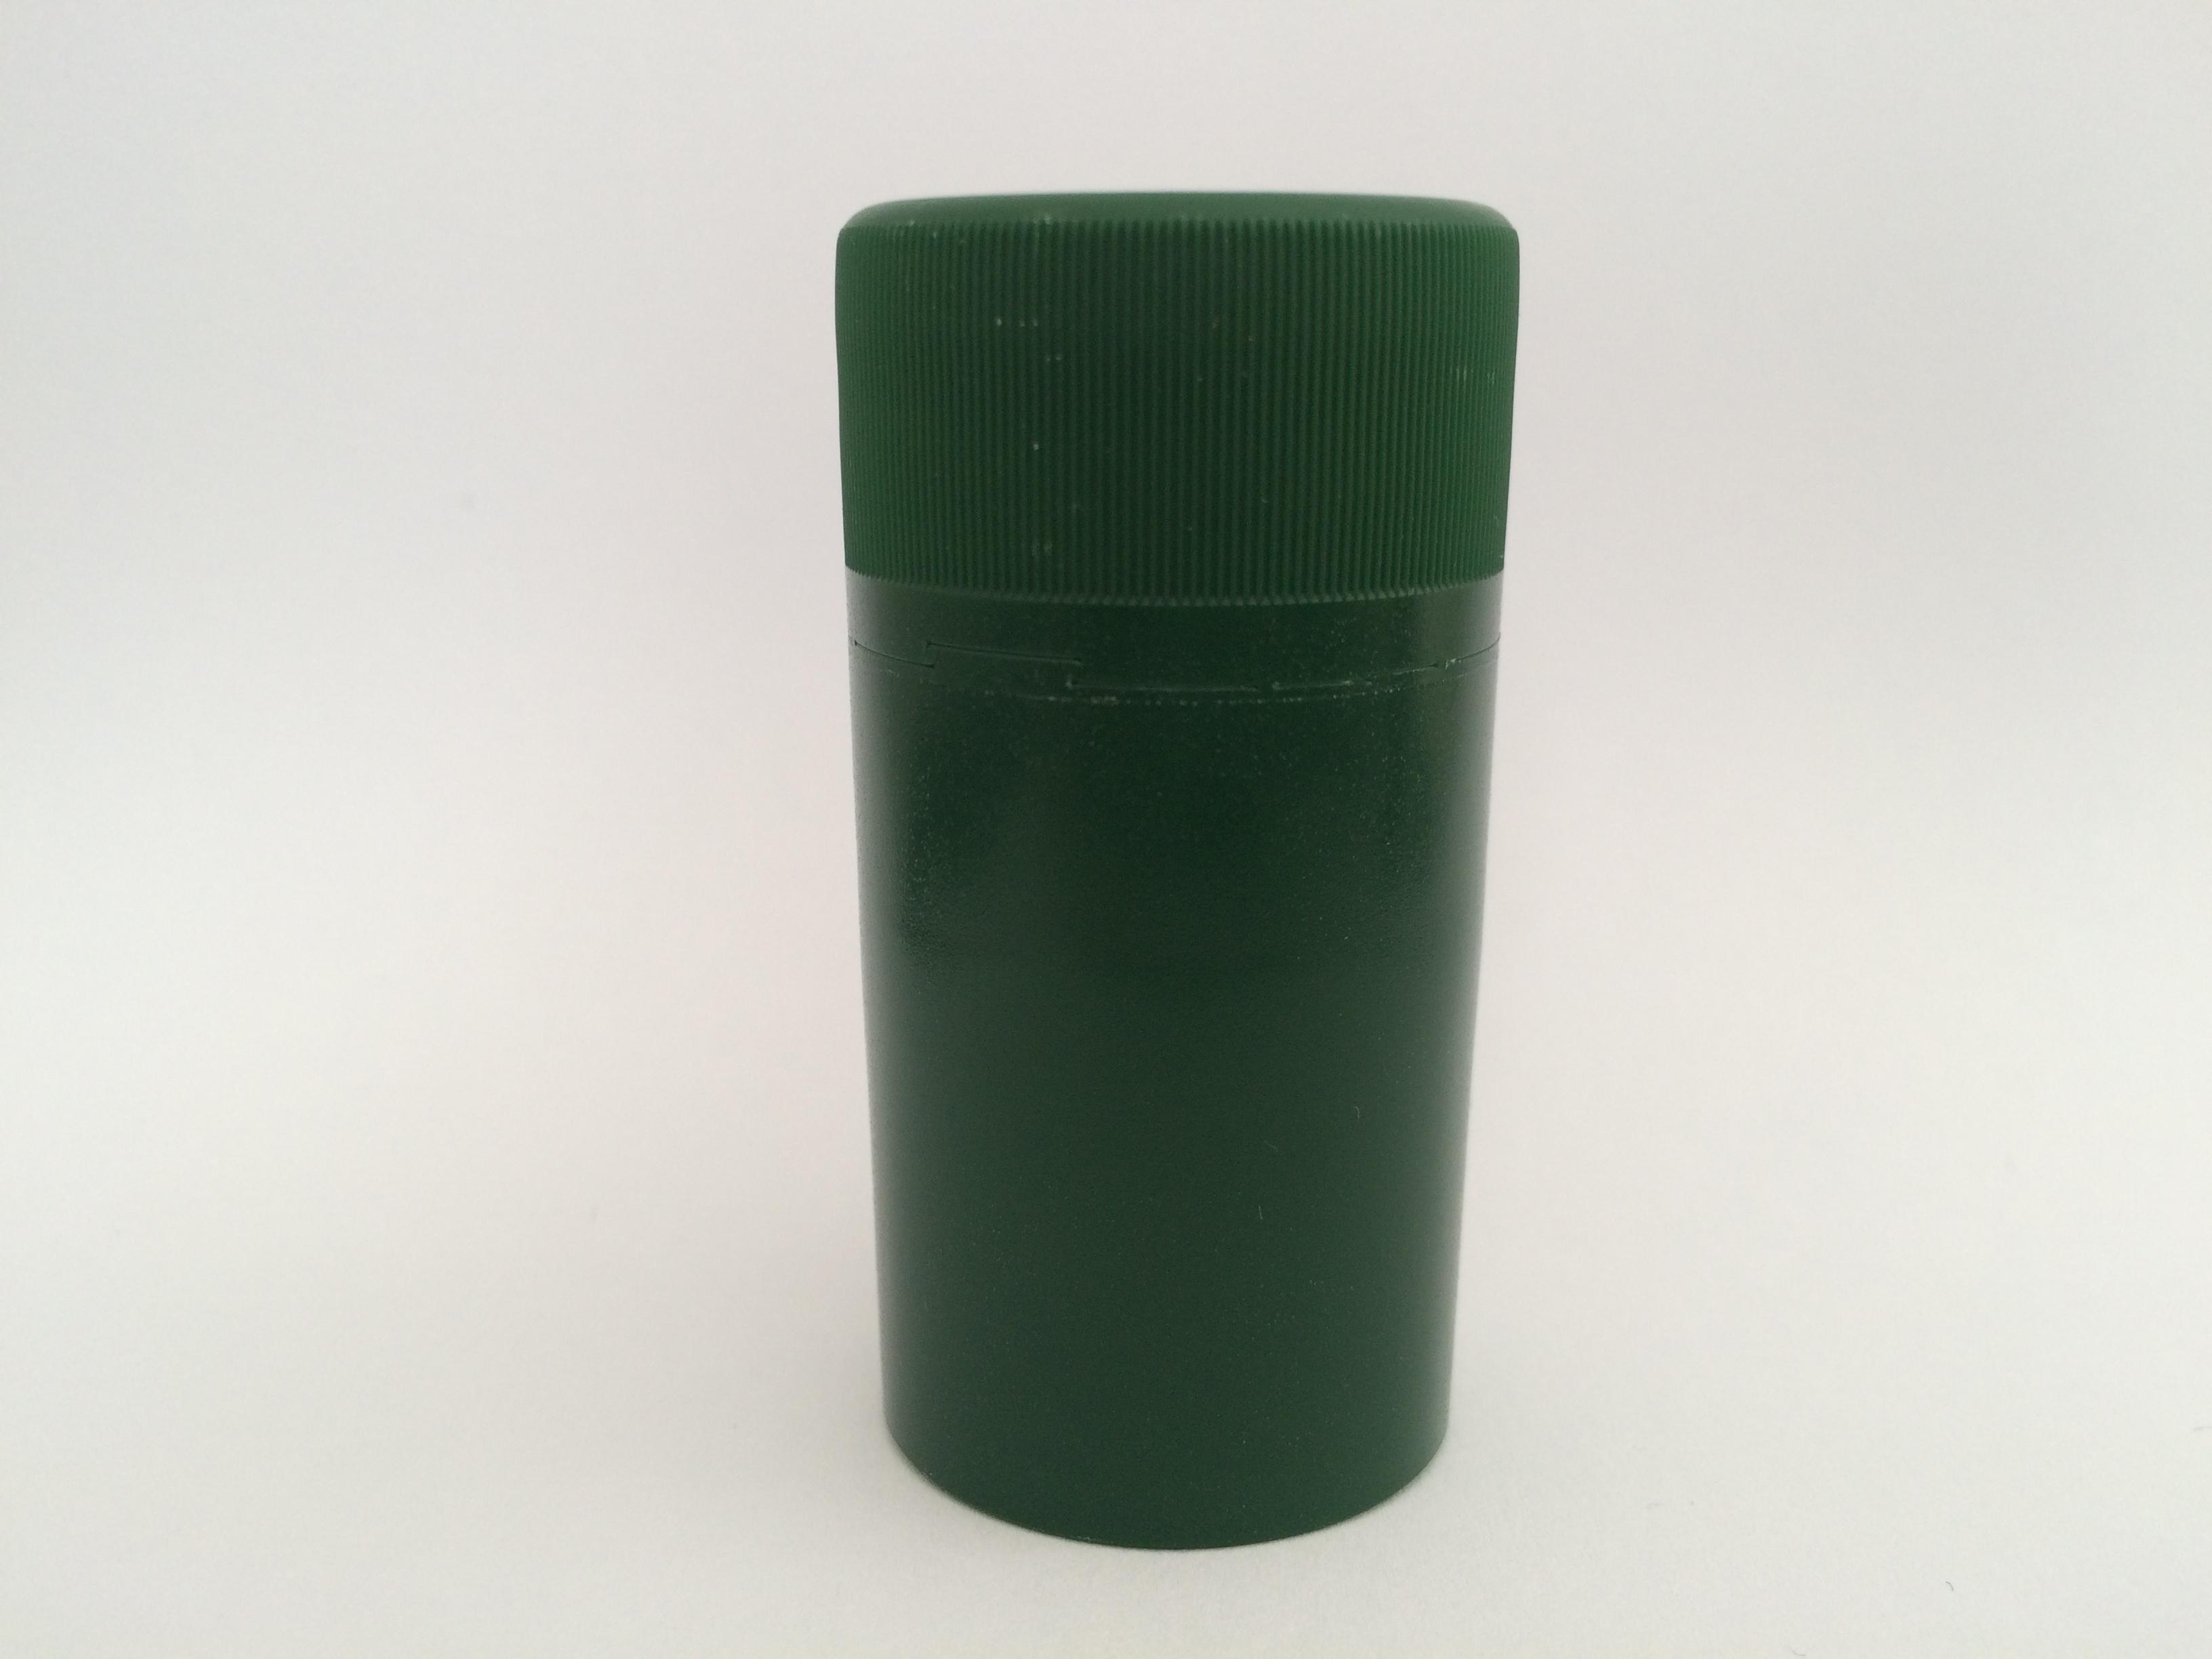 Matt zöld műanyag csavarzár